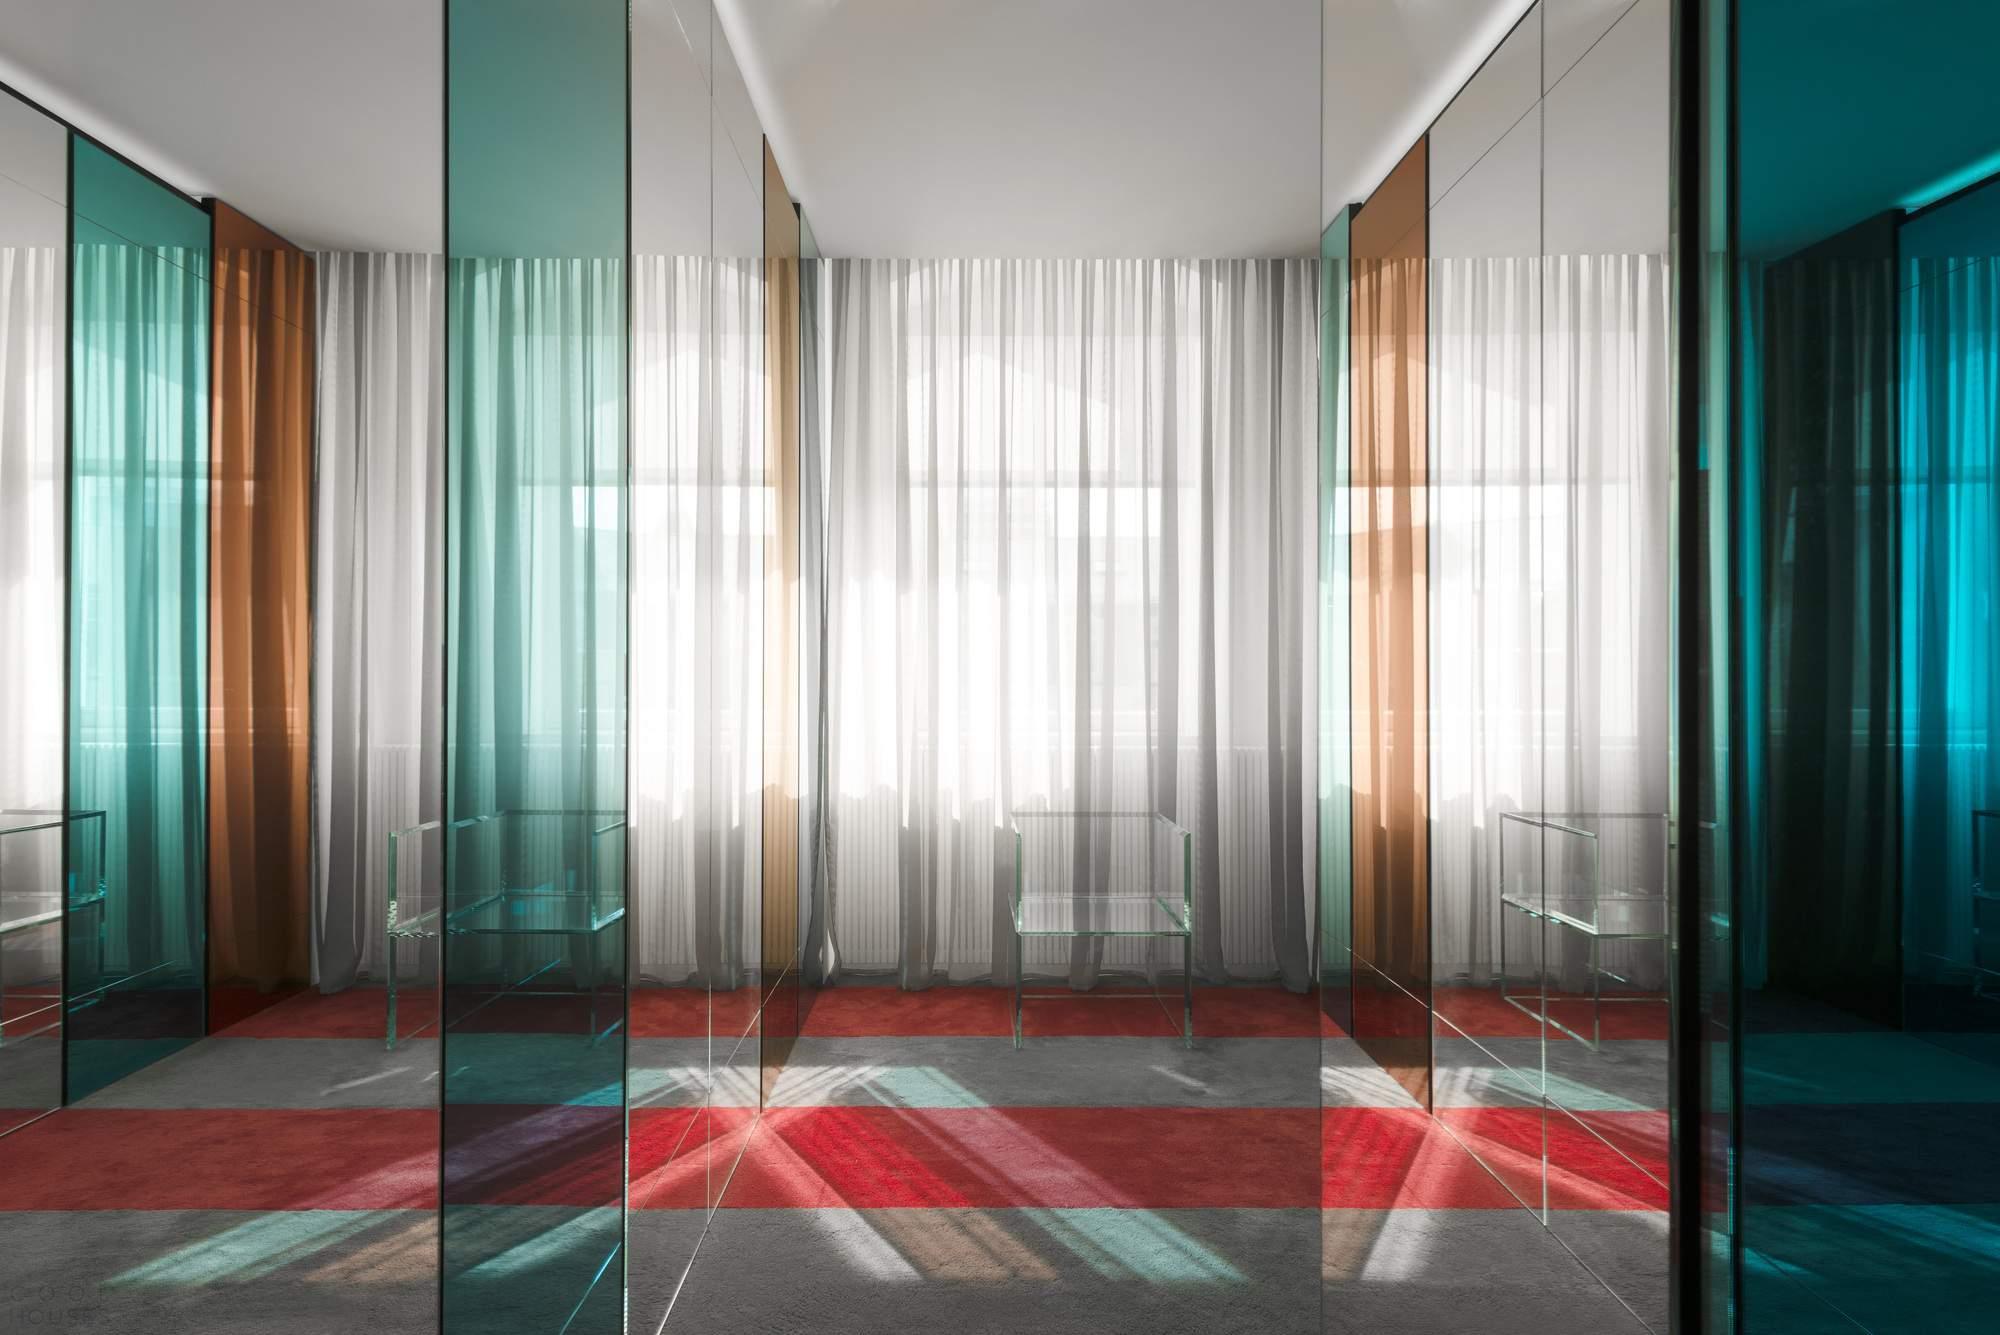 Элитная резиденция с впечатляющим дизайном, Россия